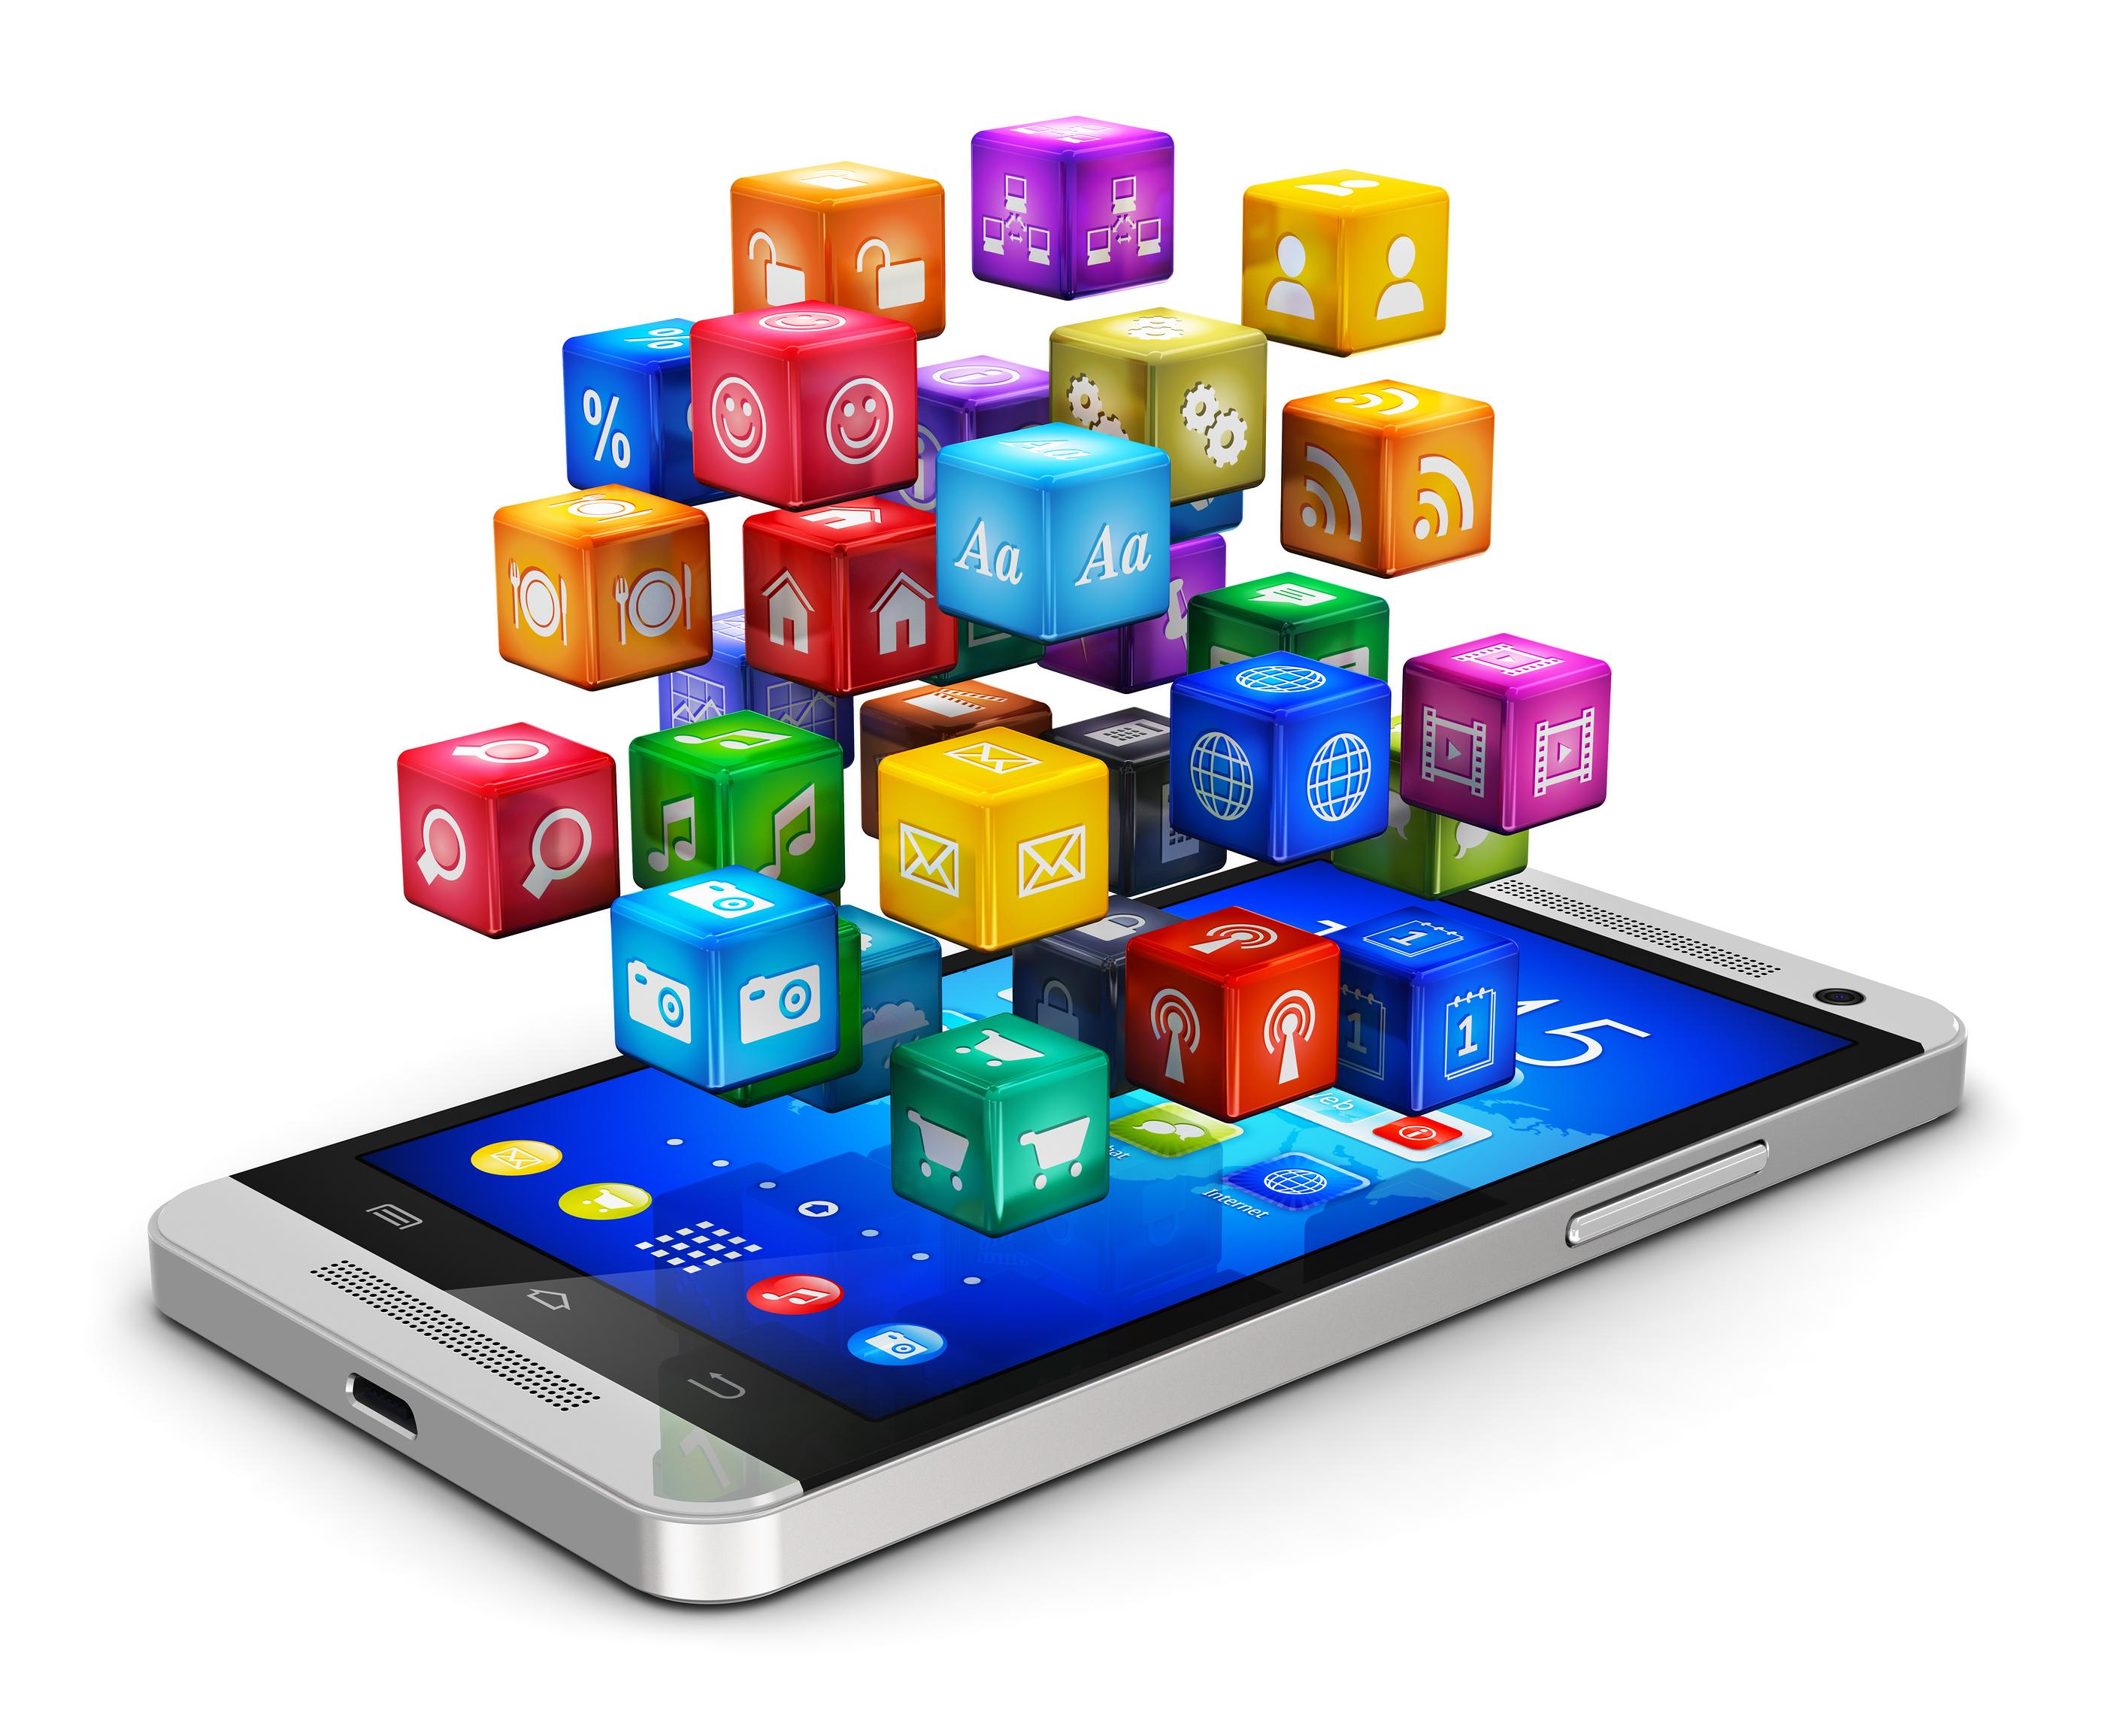 El móvil y el acceso a Internet, inseparables